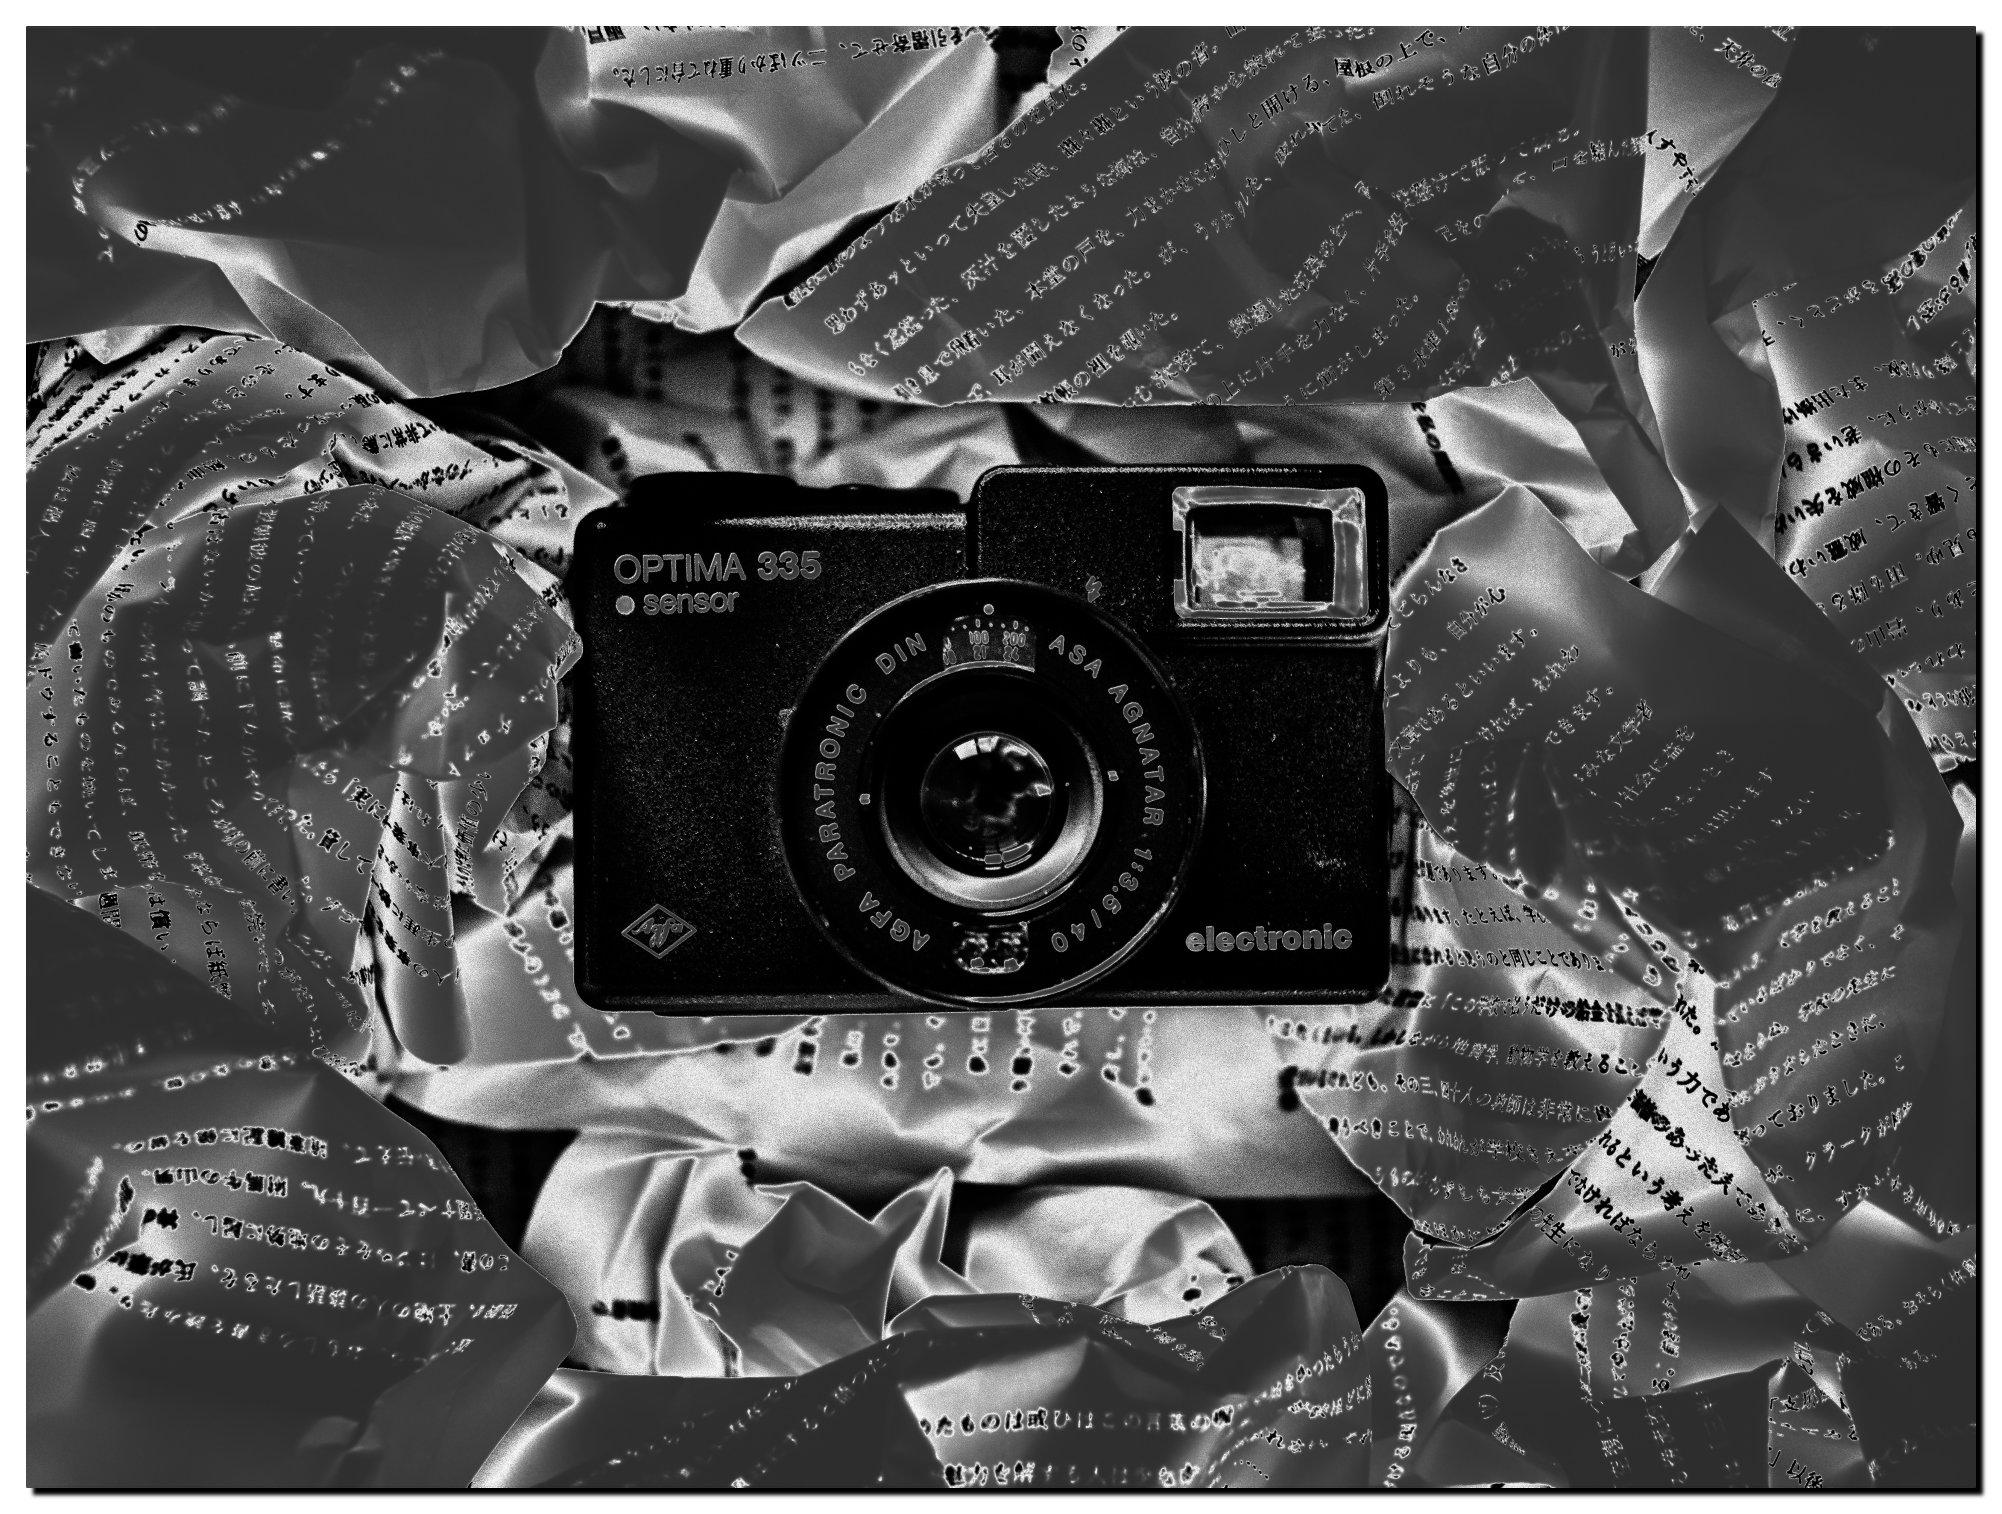 01LR-PF135620-Edit-3.jpg